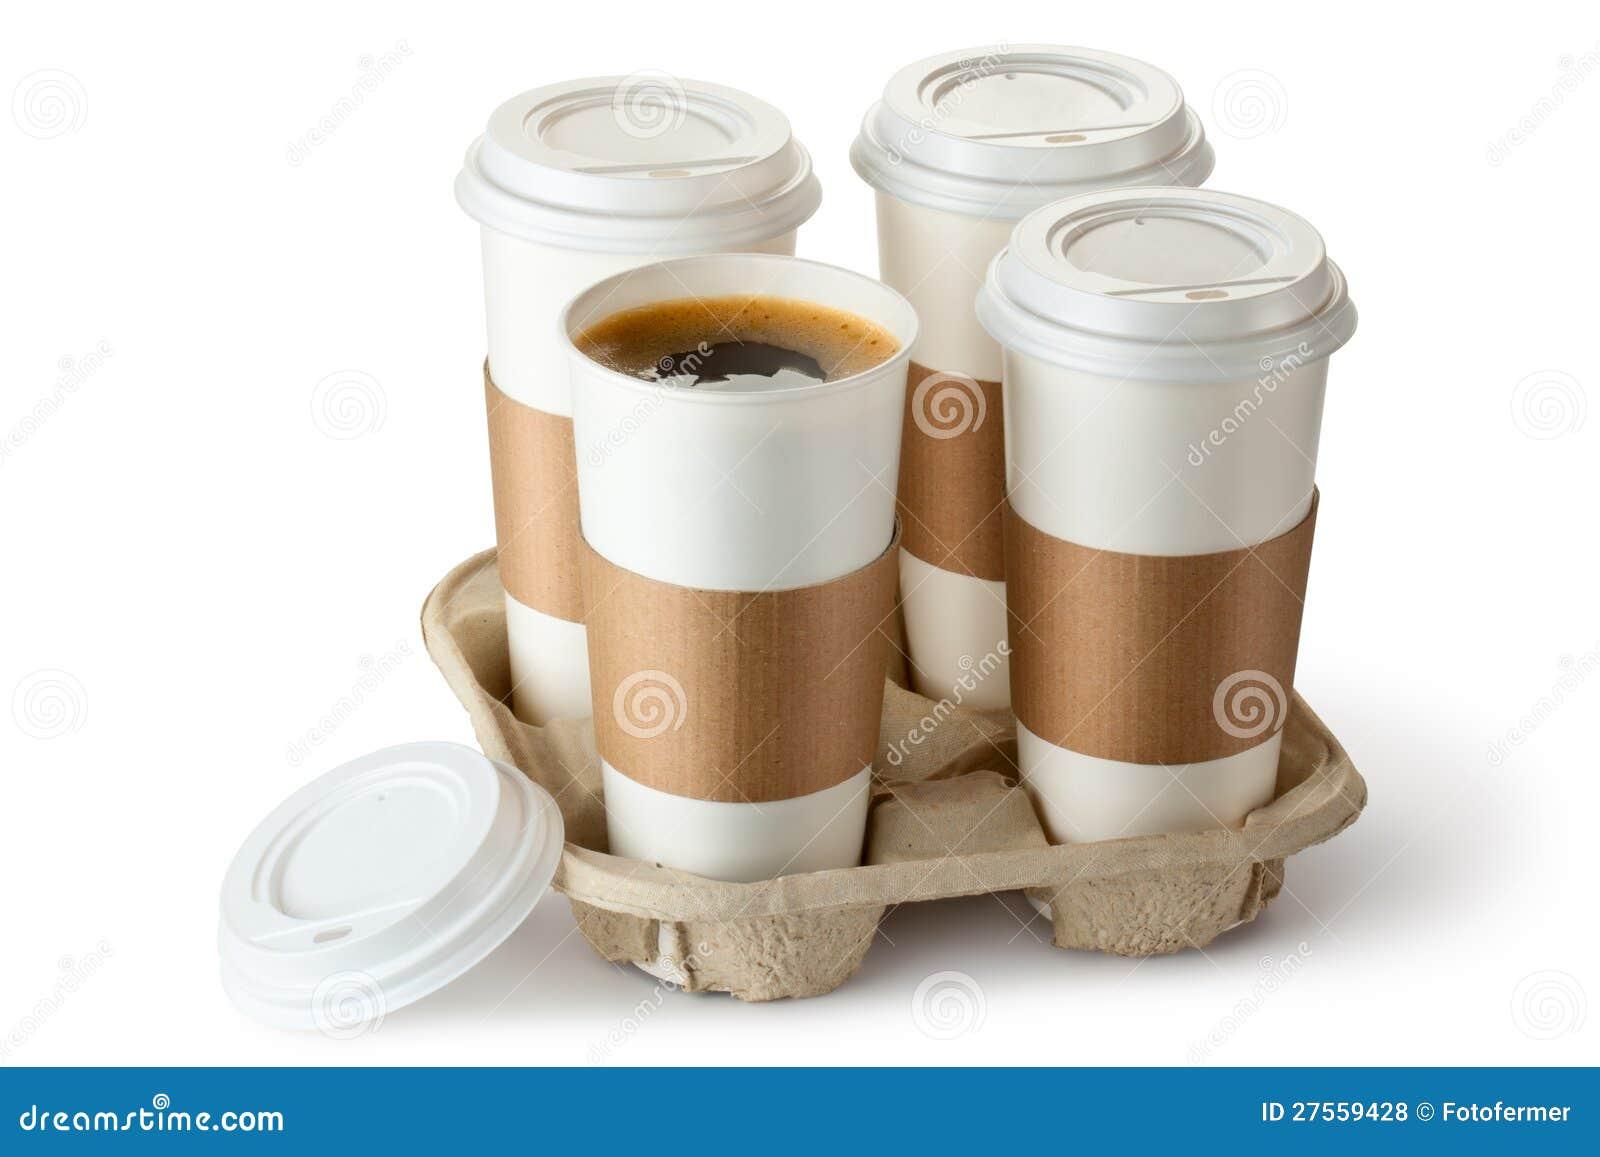 Take-out Kaffee vier in der Halterung. Ein Cup ist geöffnet.